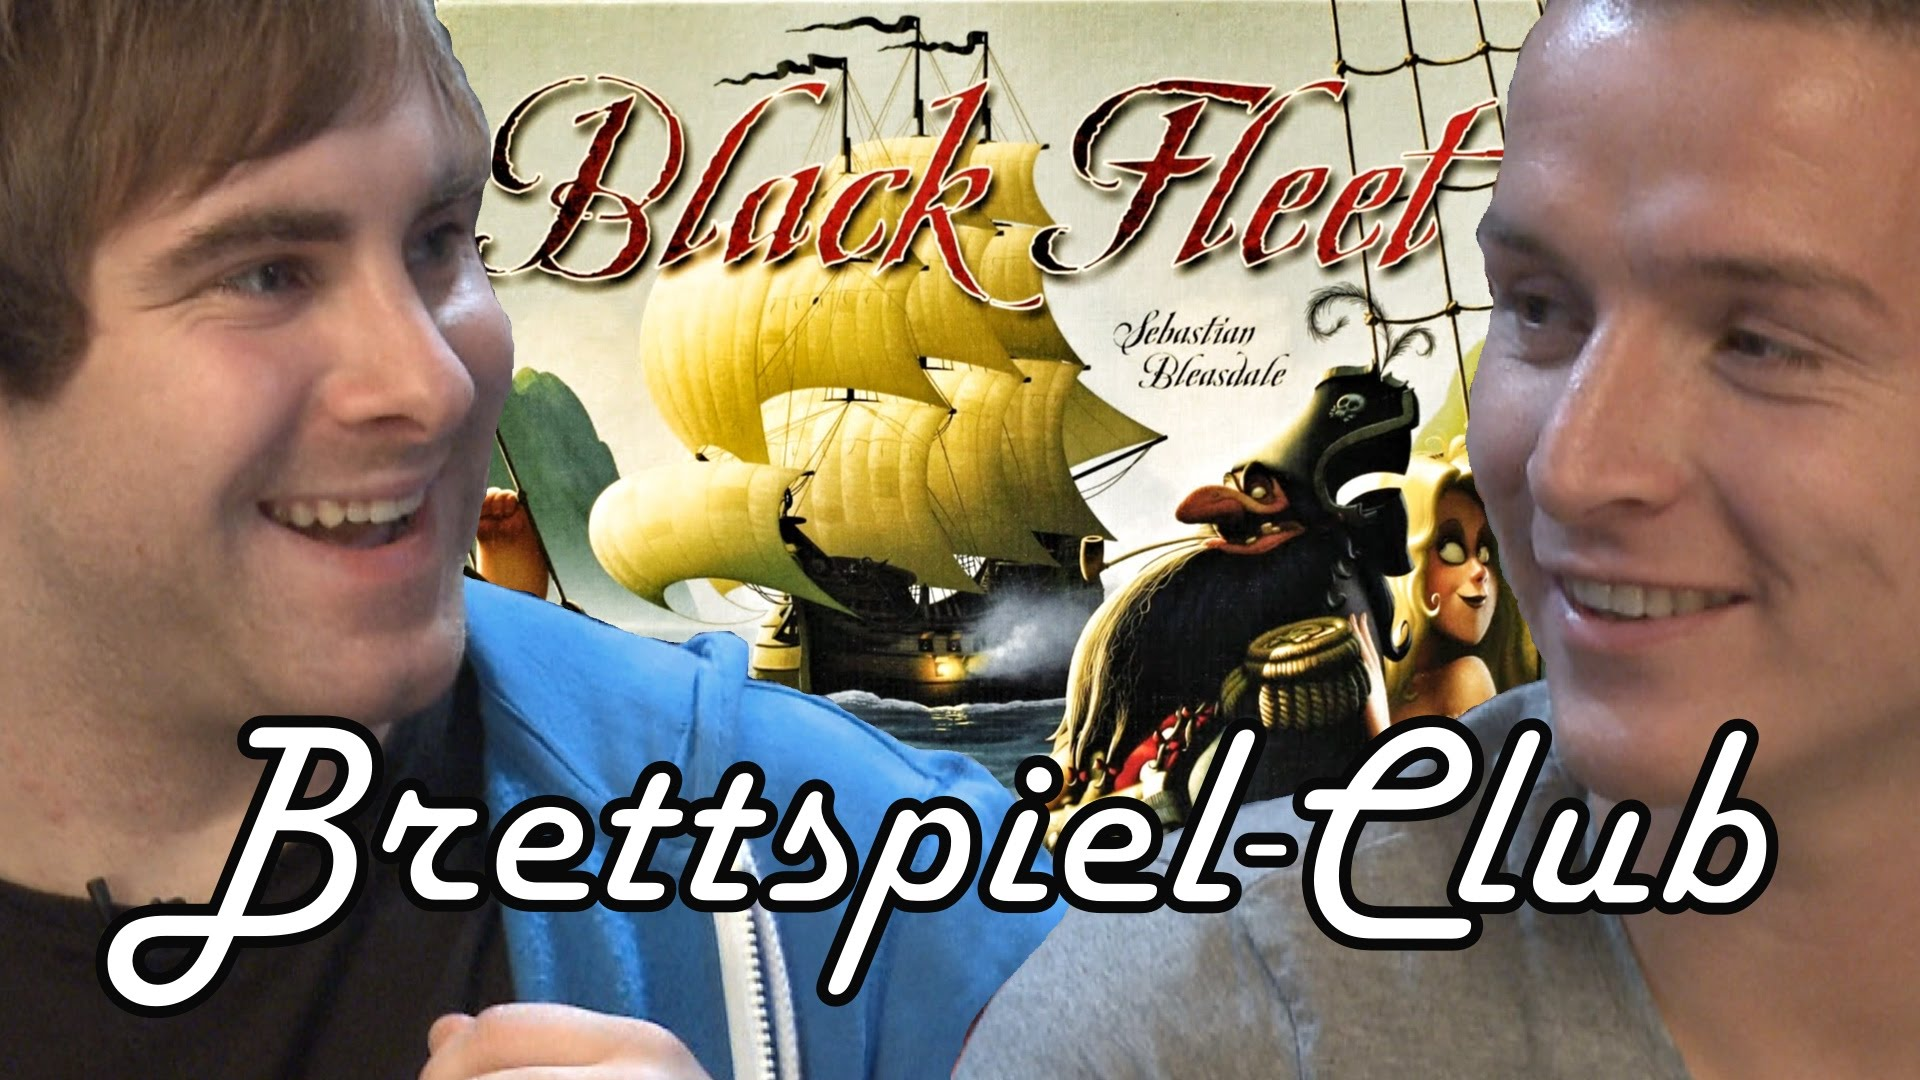 Black Fleet gekauft / Brettspiel-Club ist Schuld!